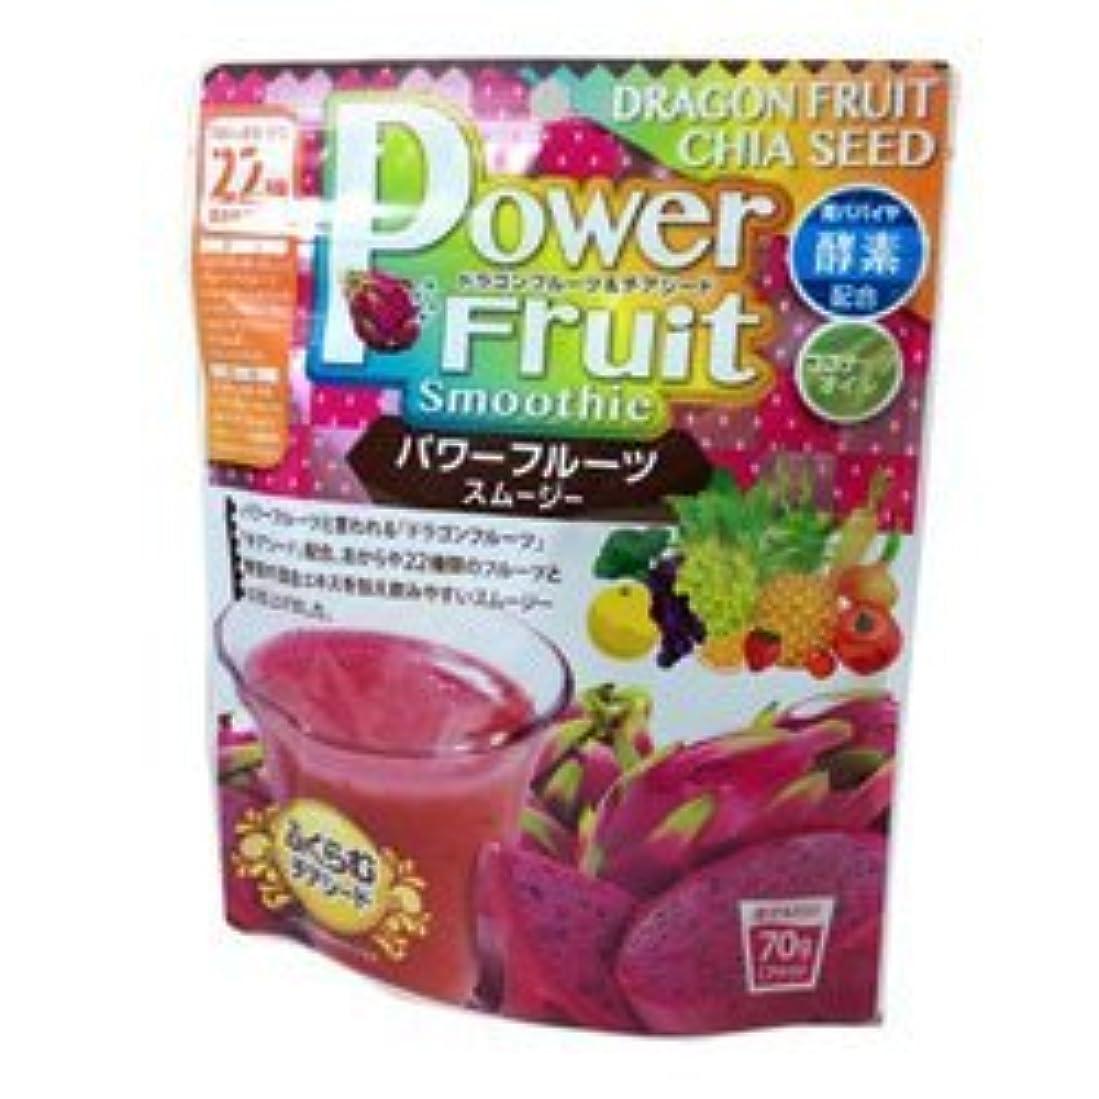 【ユニマットリケン】パワーフルーツスムージー 70g ×3個セット